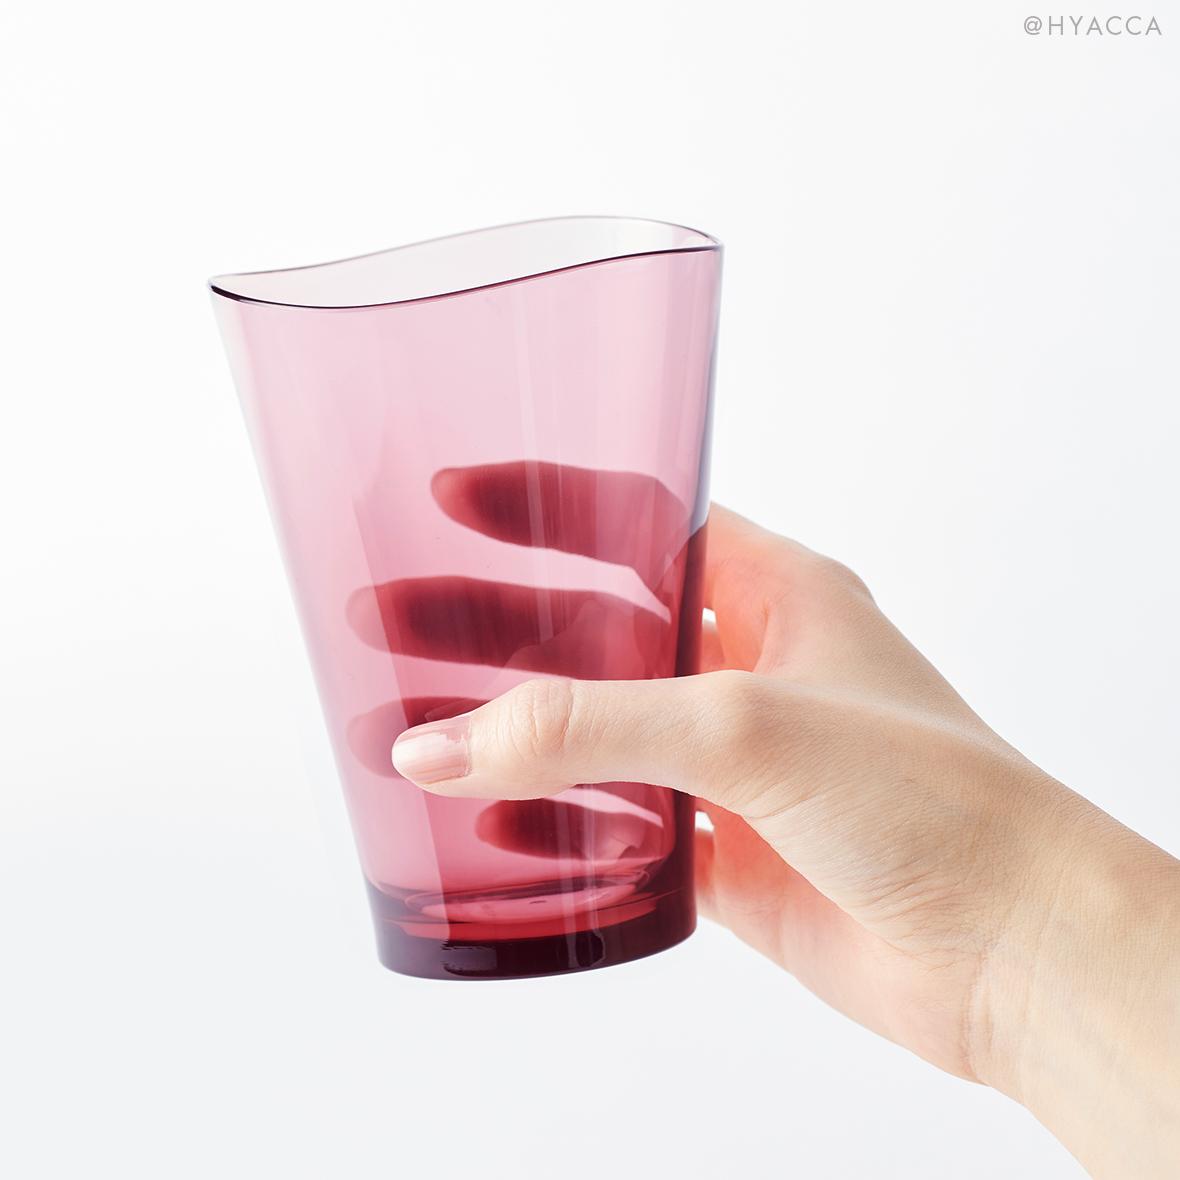 ゆらぎタンブラー/M 5個セット[プラキラ]+バームクーヘン+ジュース 6